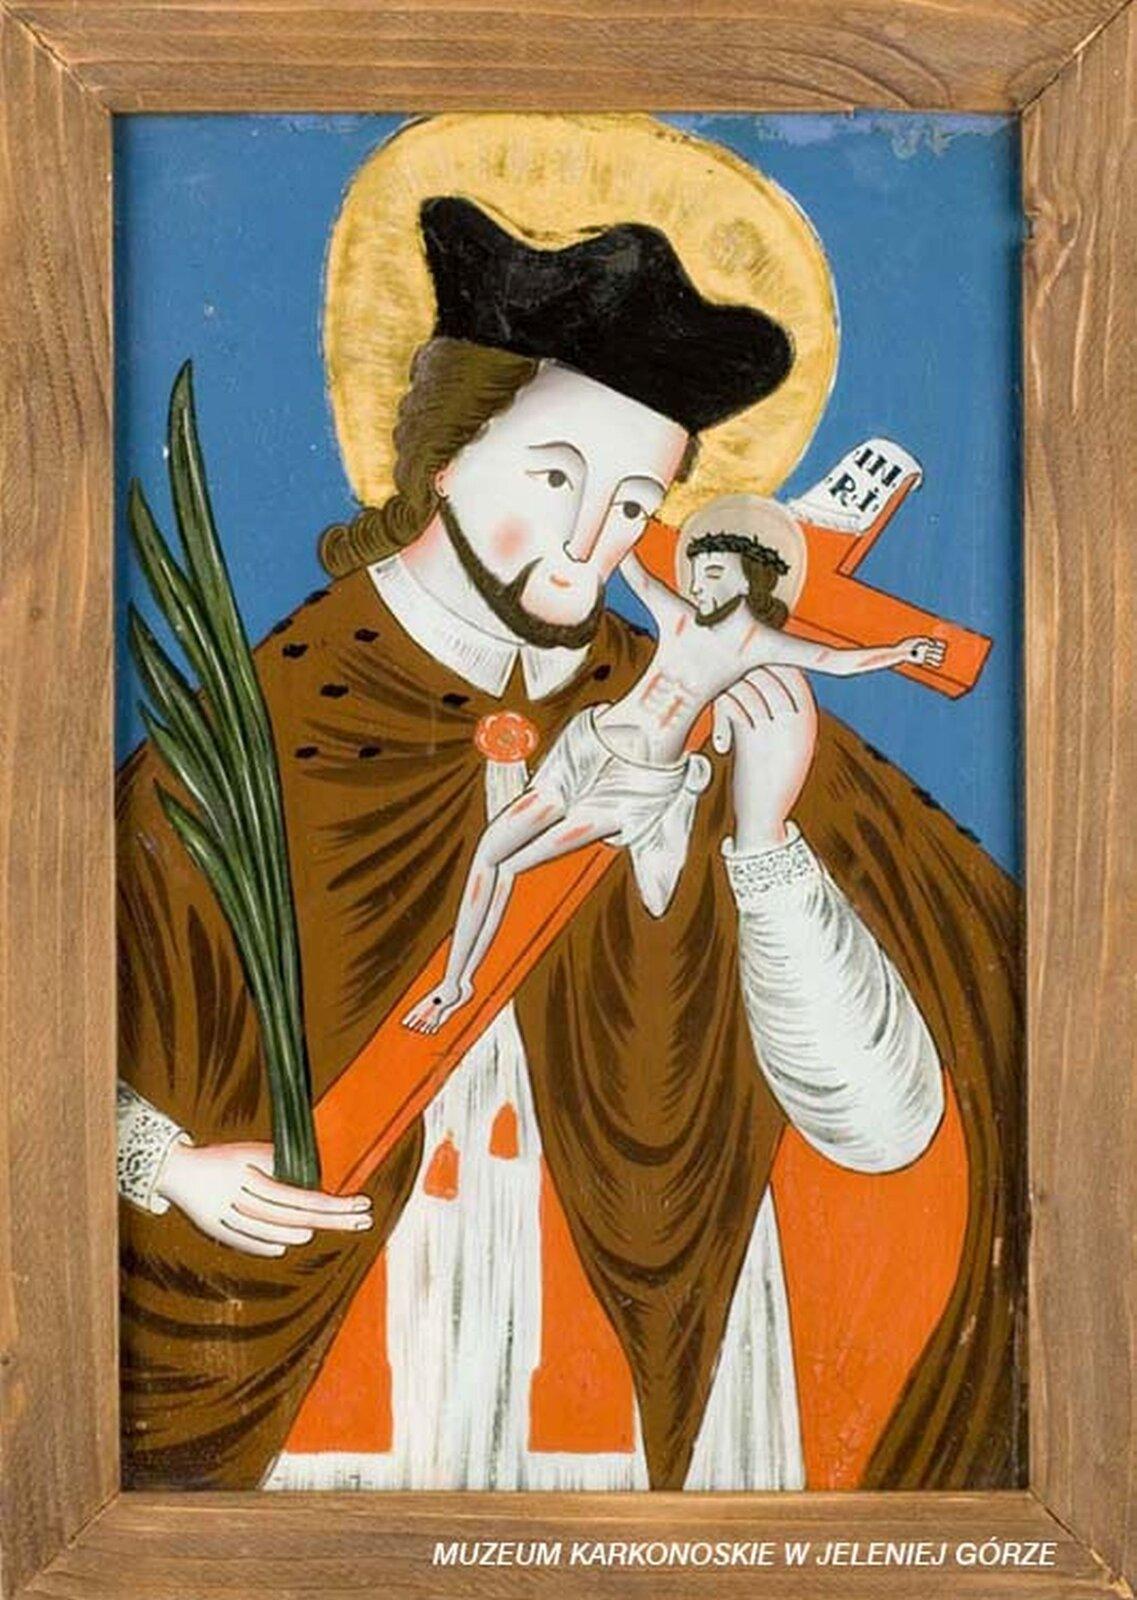 lustracja przedstawia malowidło na szkle, które ukazuje św. Jana Nepomucena. Dookoła jego głowy znajduje się złoty nimb. Święty wjednej dłoni trzyma krzyż, awdrugiej palmę. Mężczyzna ma na głowie czarną czapkę, spod której wystają włosy. Na ramionach brązowawą pelerynę. Zpod peleryny wystaje biały kołnierzyk.